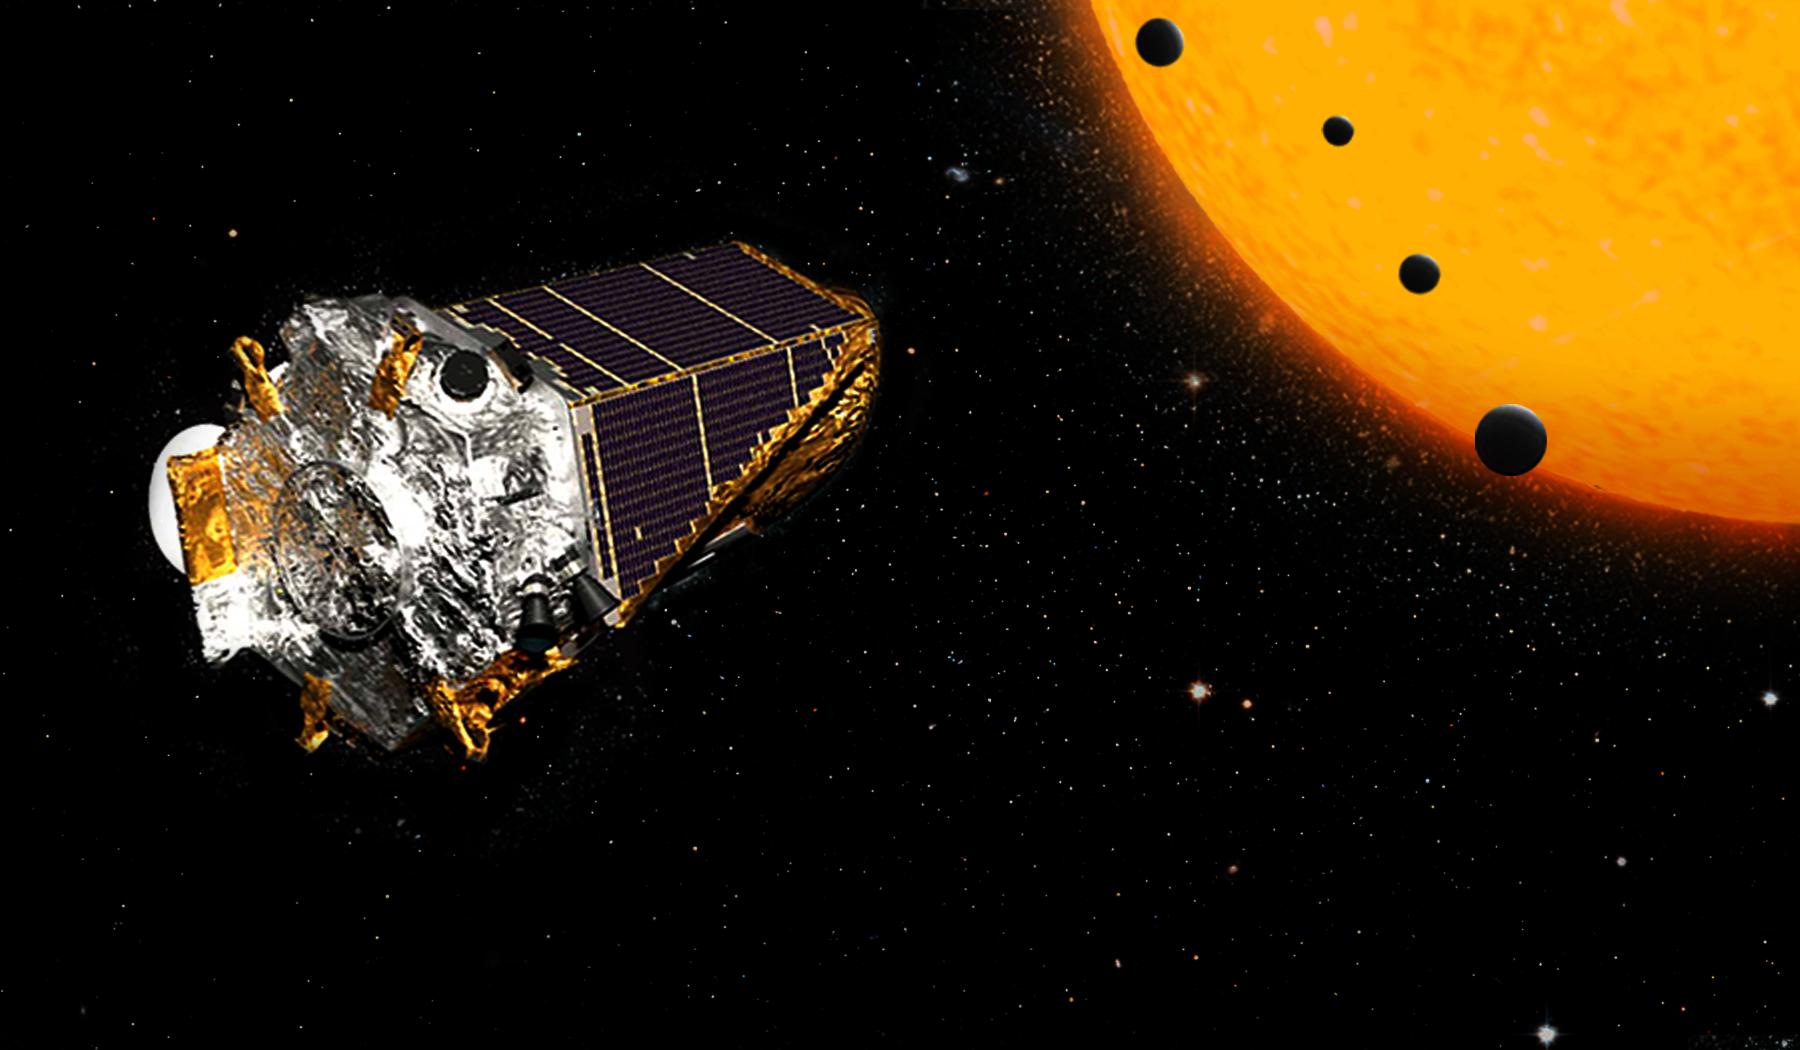 У телескопа «Кеплер» заканчивается топливо. Финал уже близок - 2